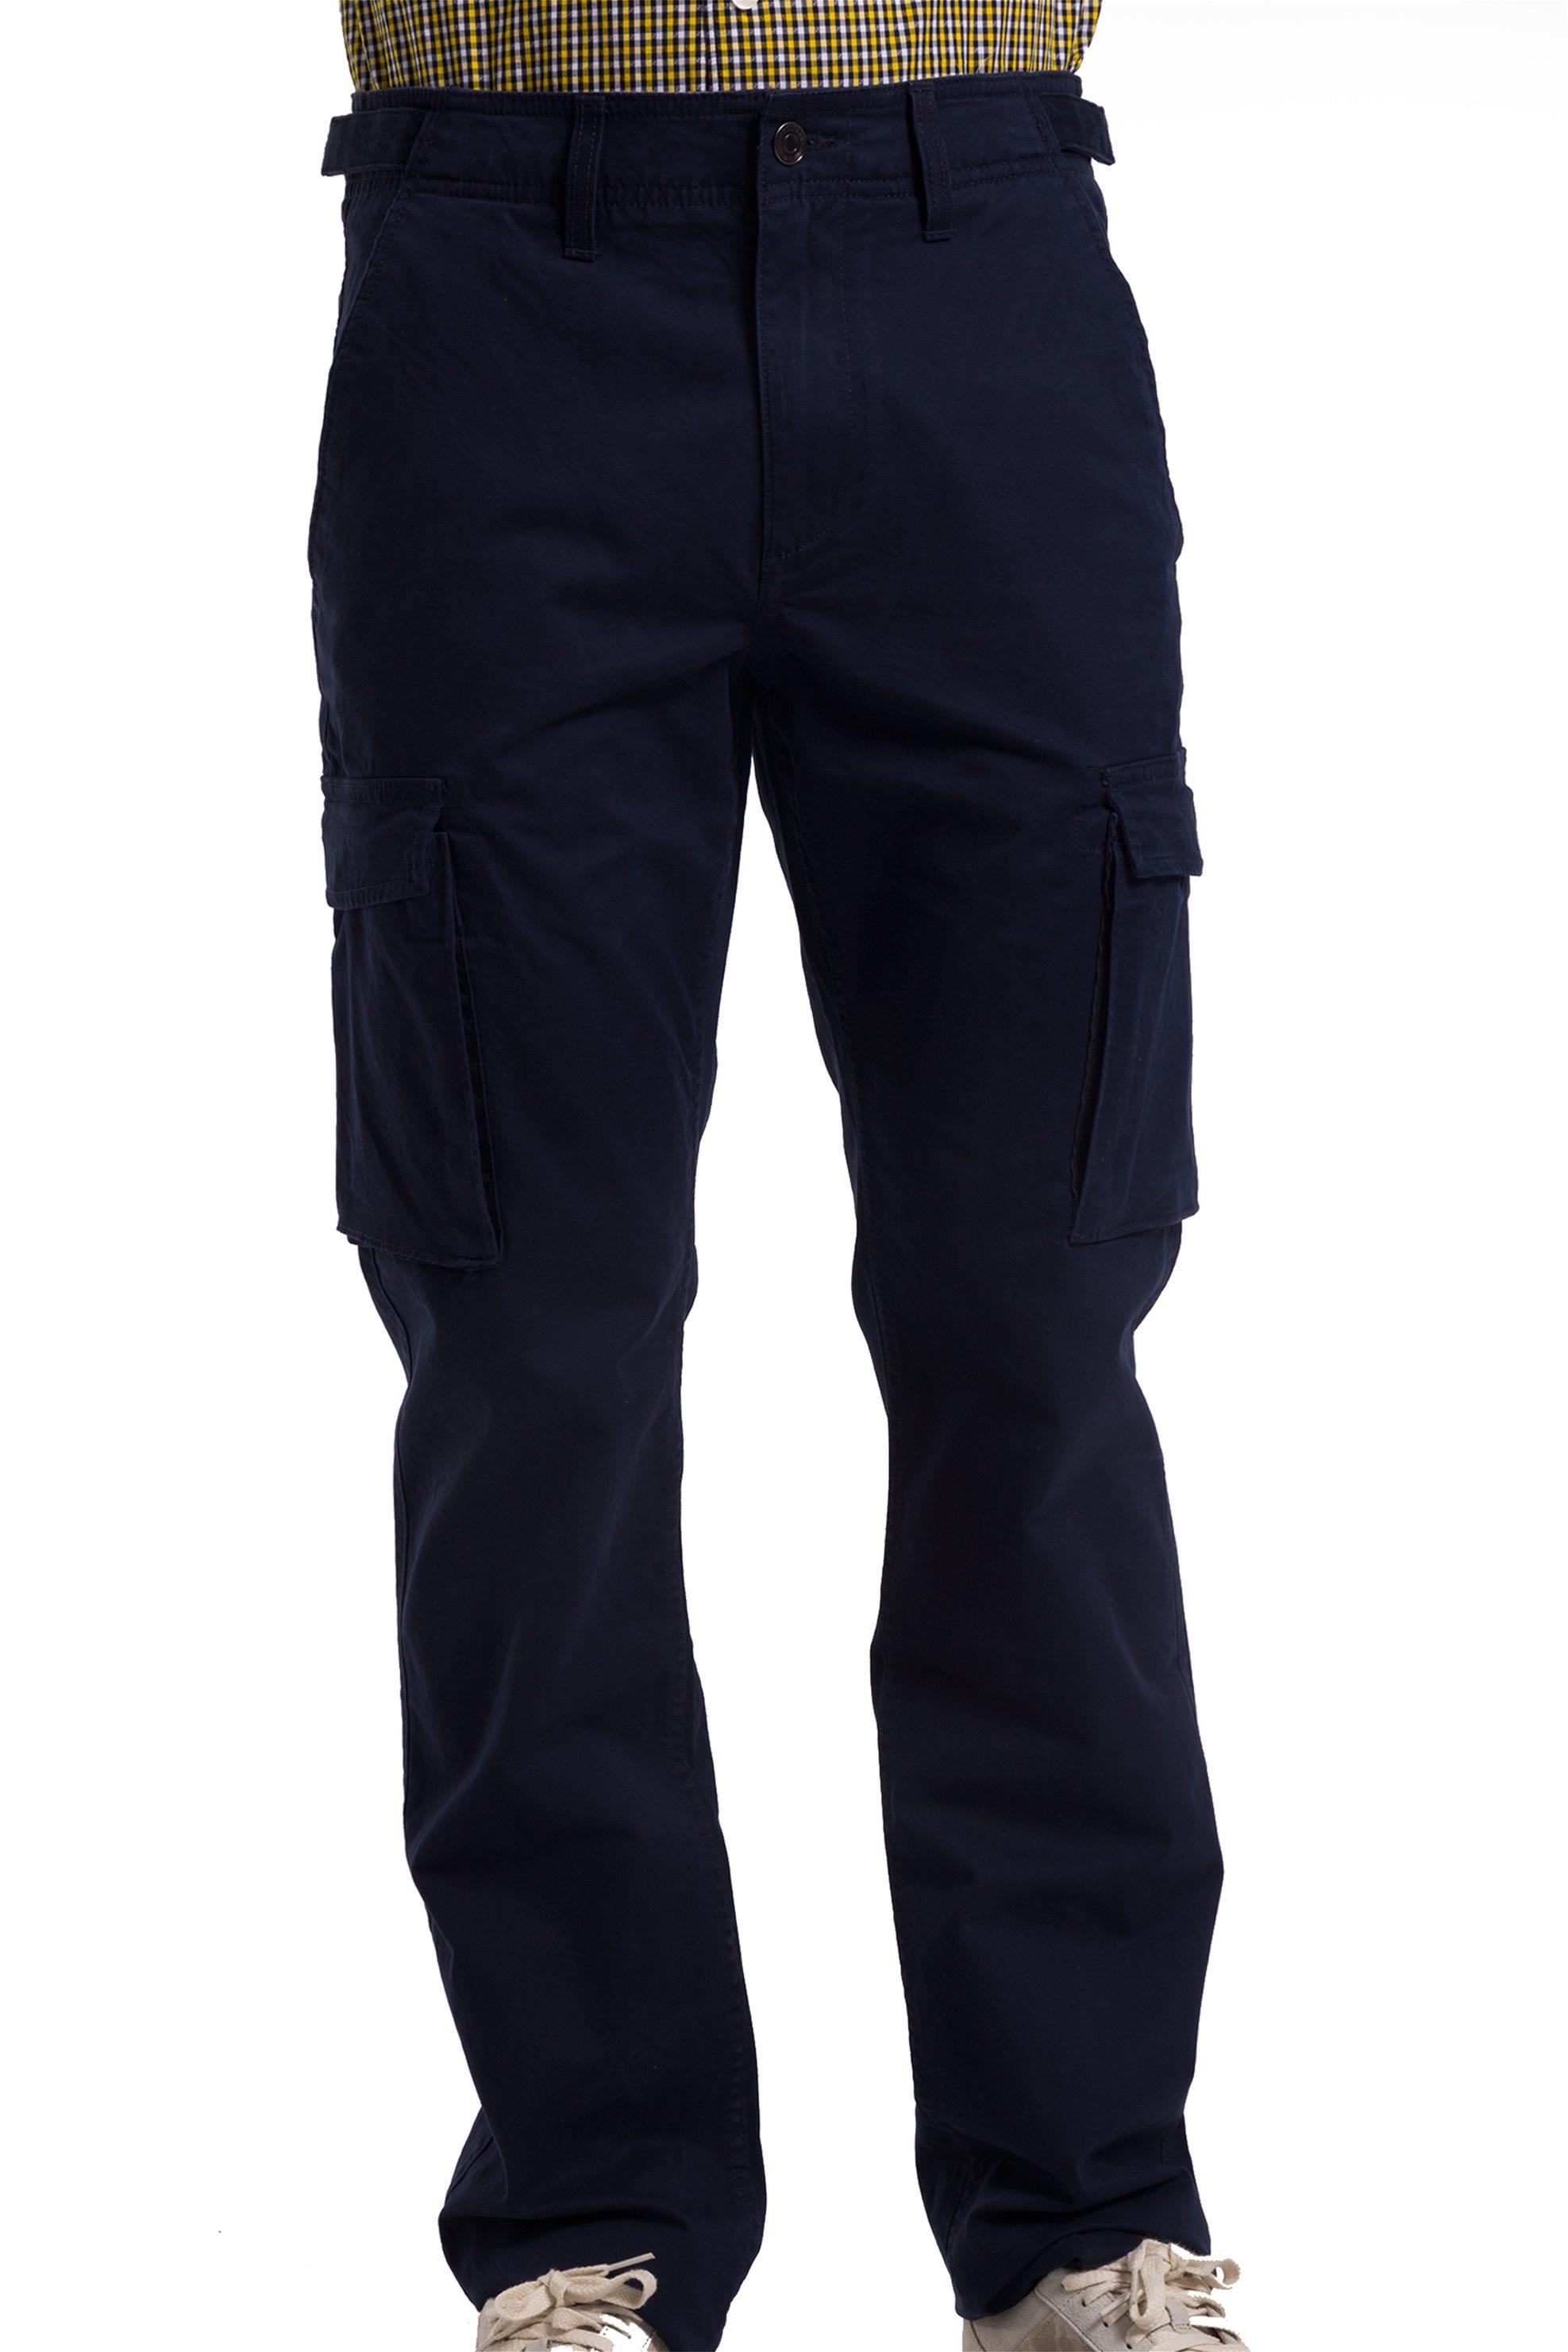 Ανδρικό cargo παντελόνι Timberland - CA1L37433 - Μπλε Σκούρο ανδρασ   ρουχα   παντελόνια   cargo